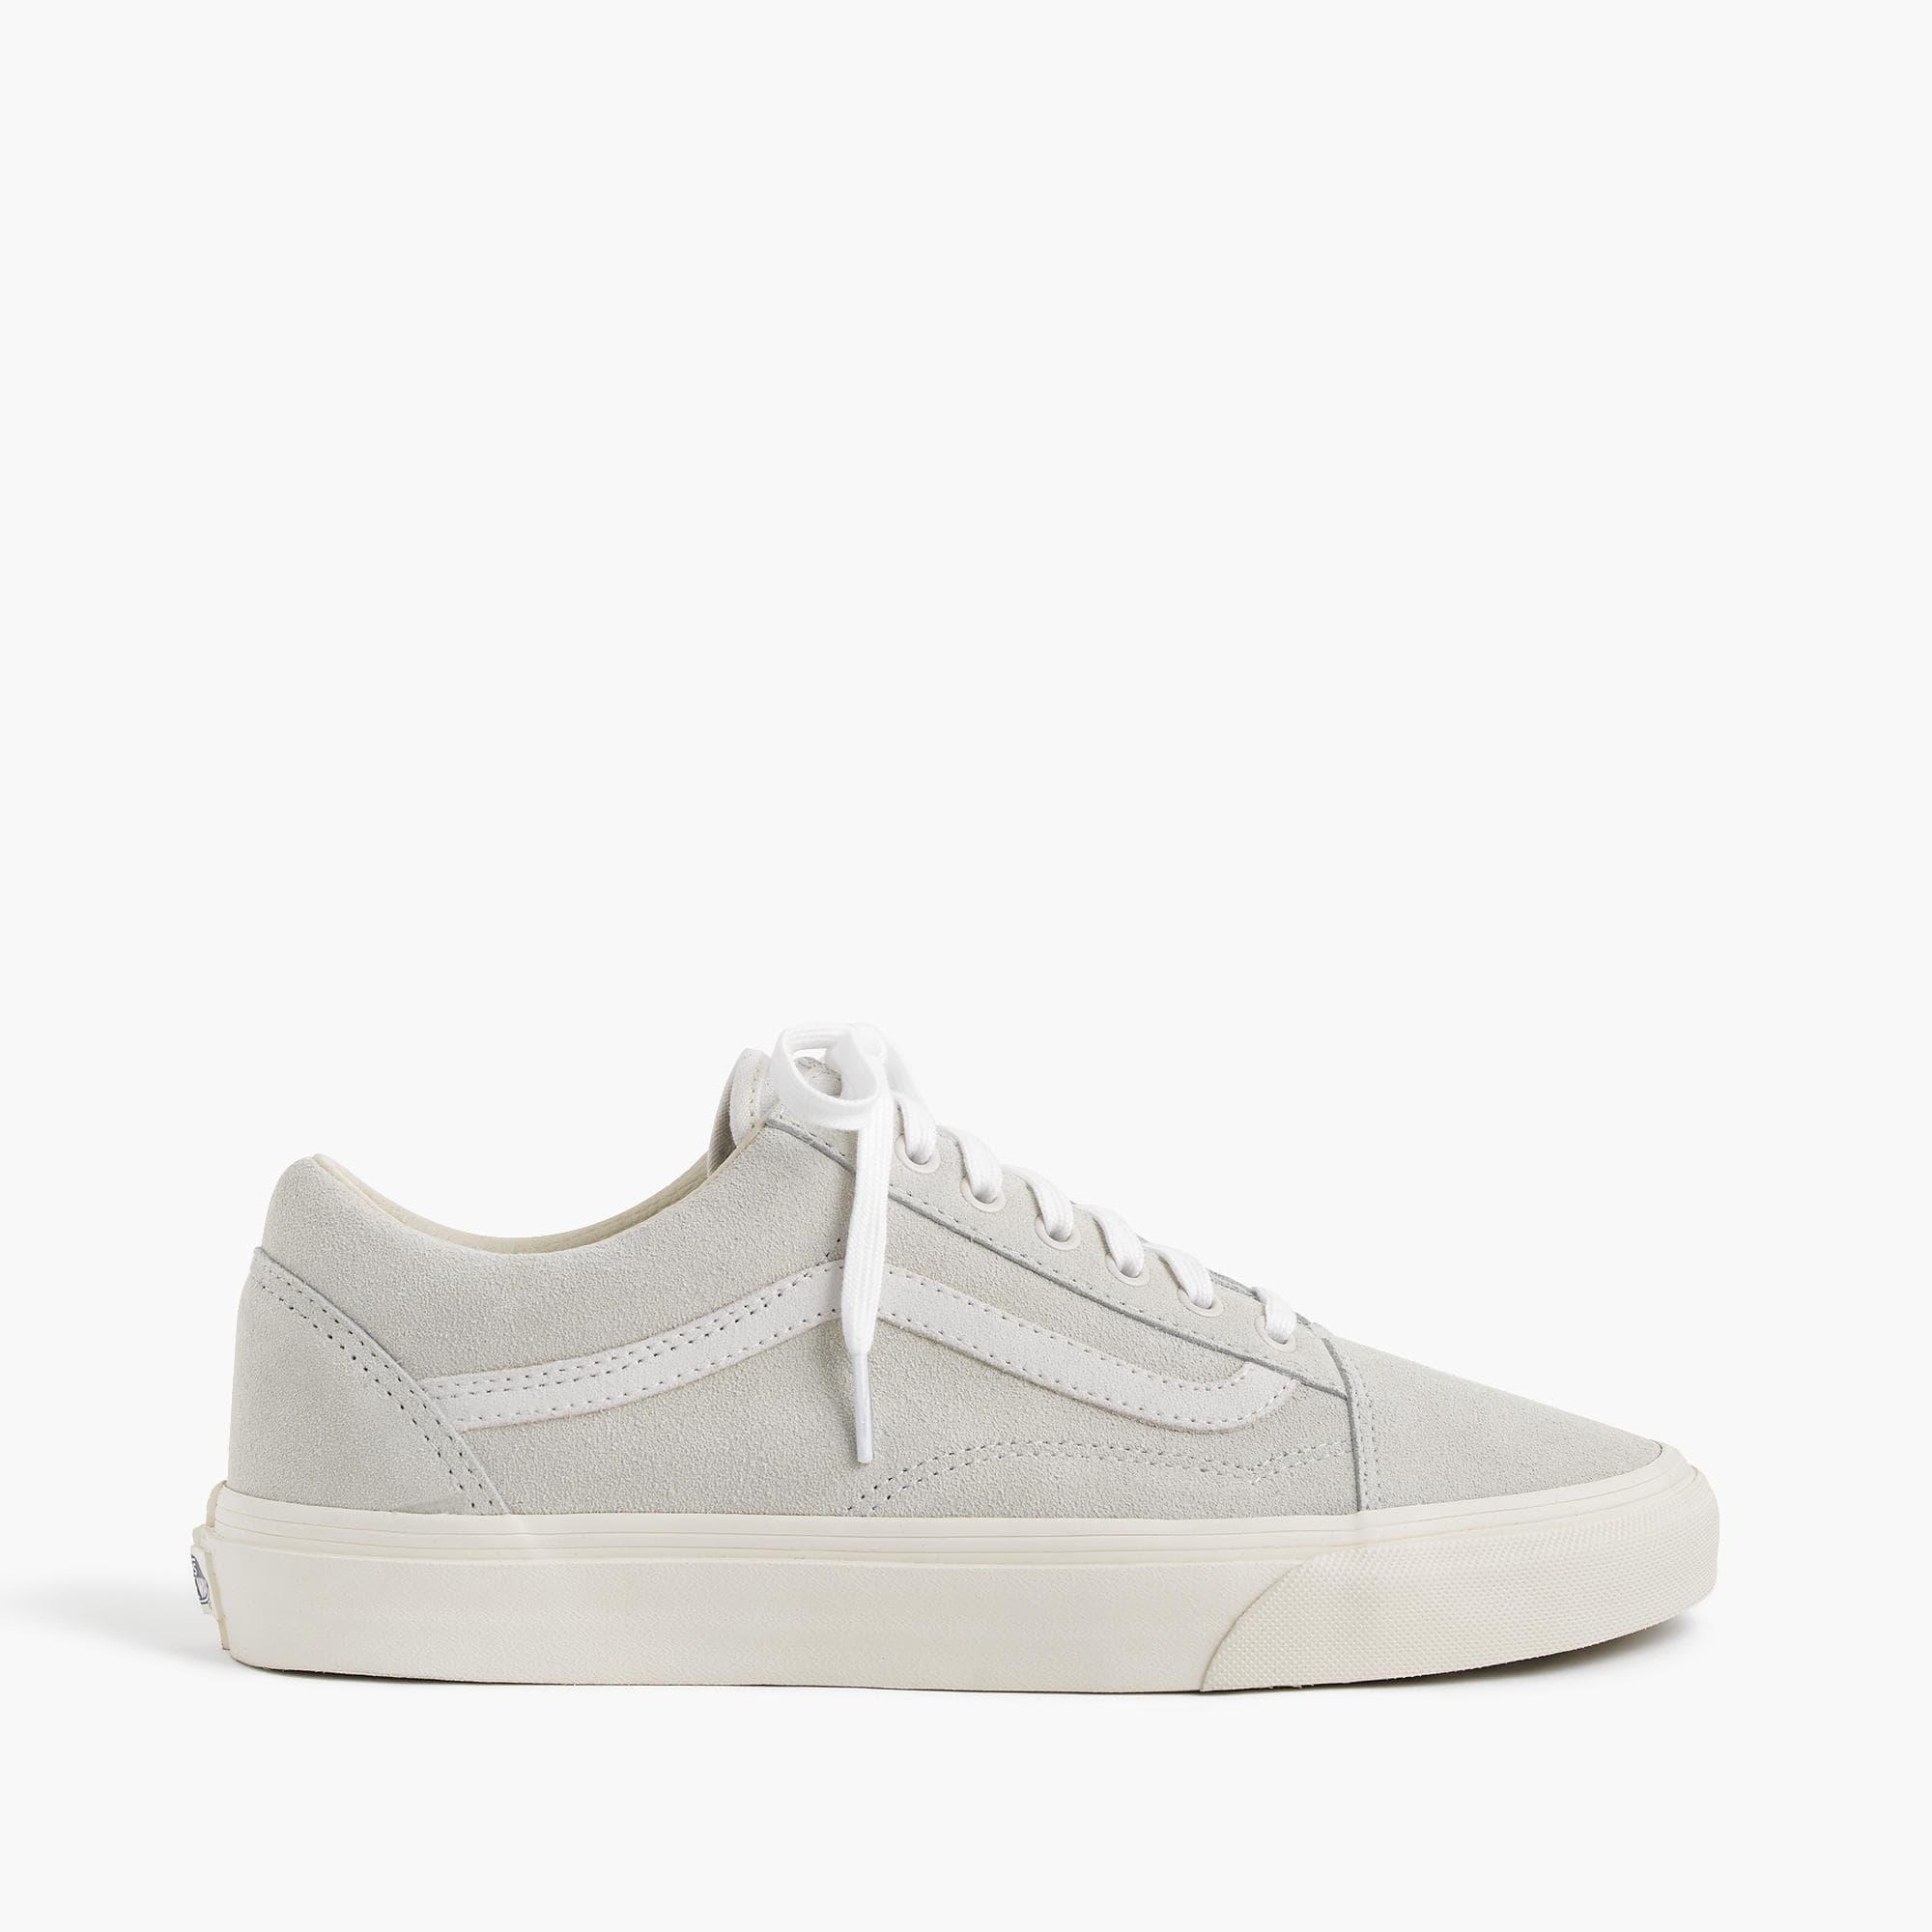 a948e33c6dd543 Lyst - J.Crew Vans Old Skool Sneakers In Suede